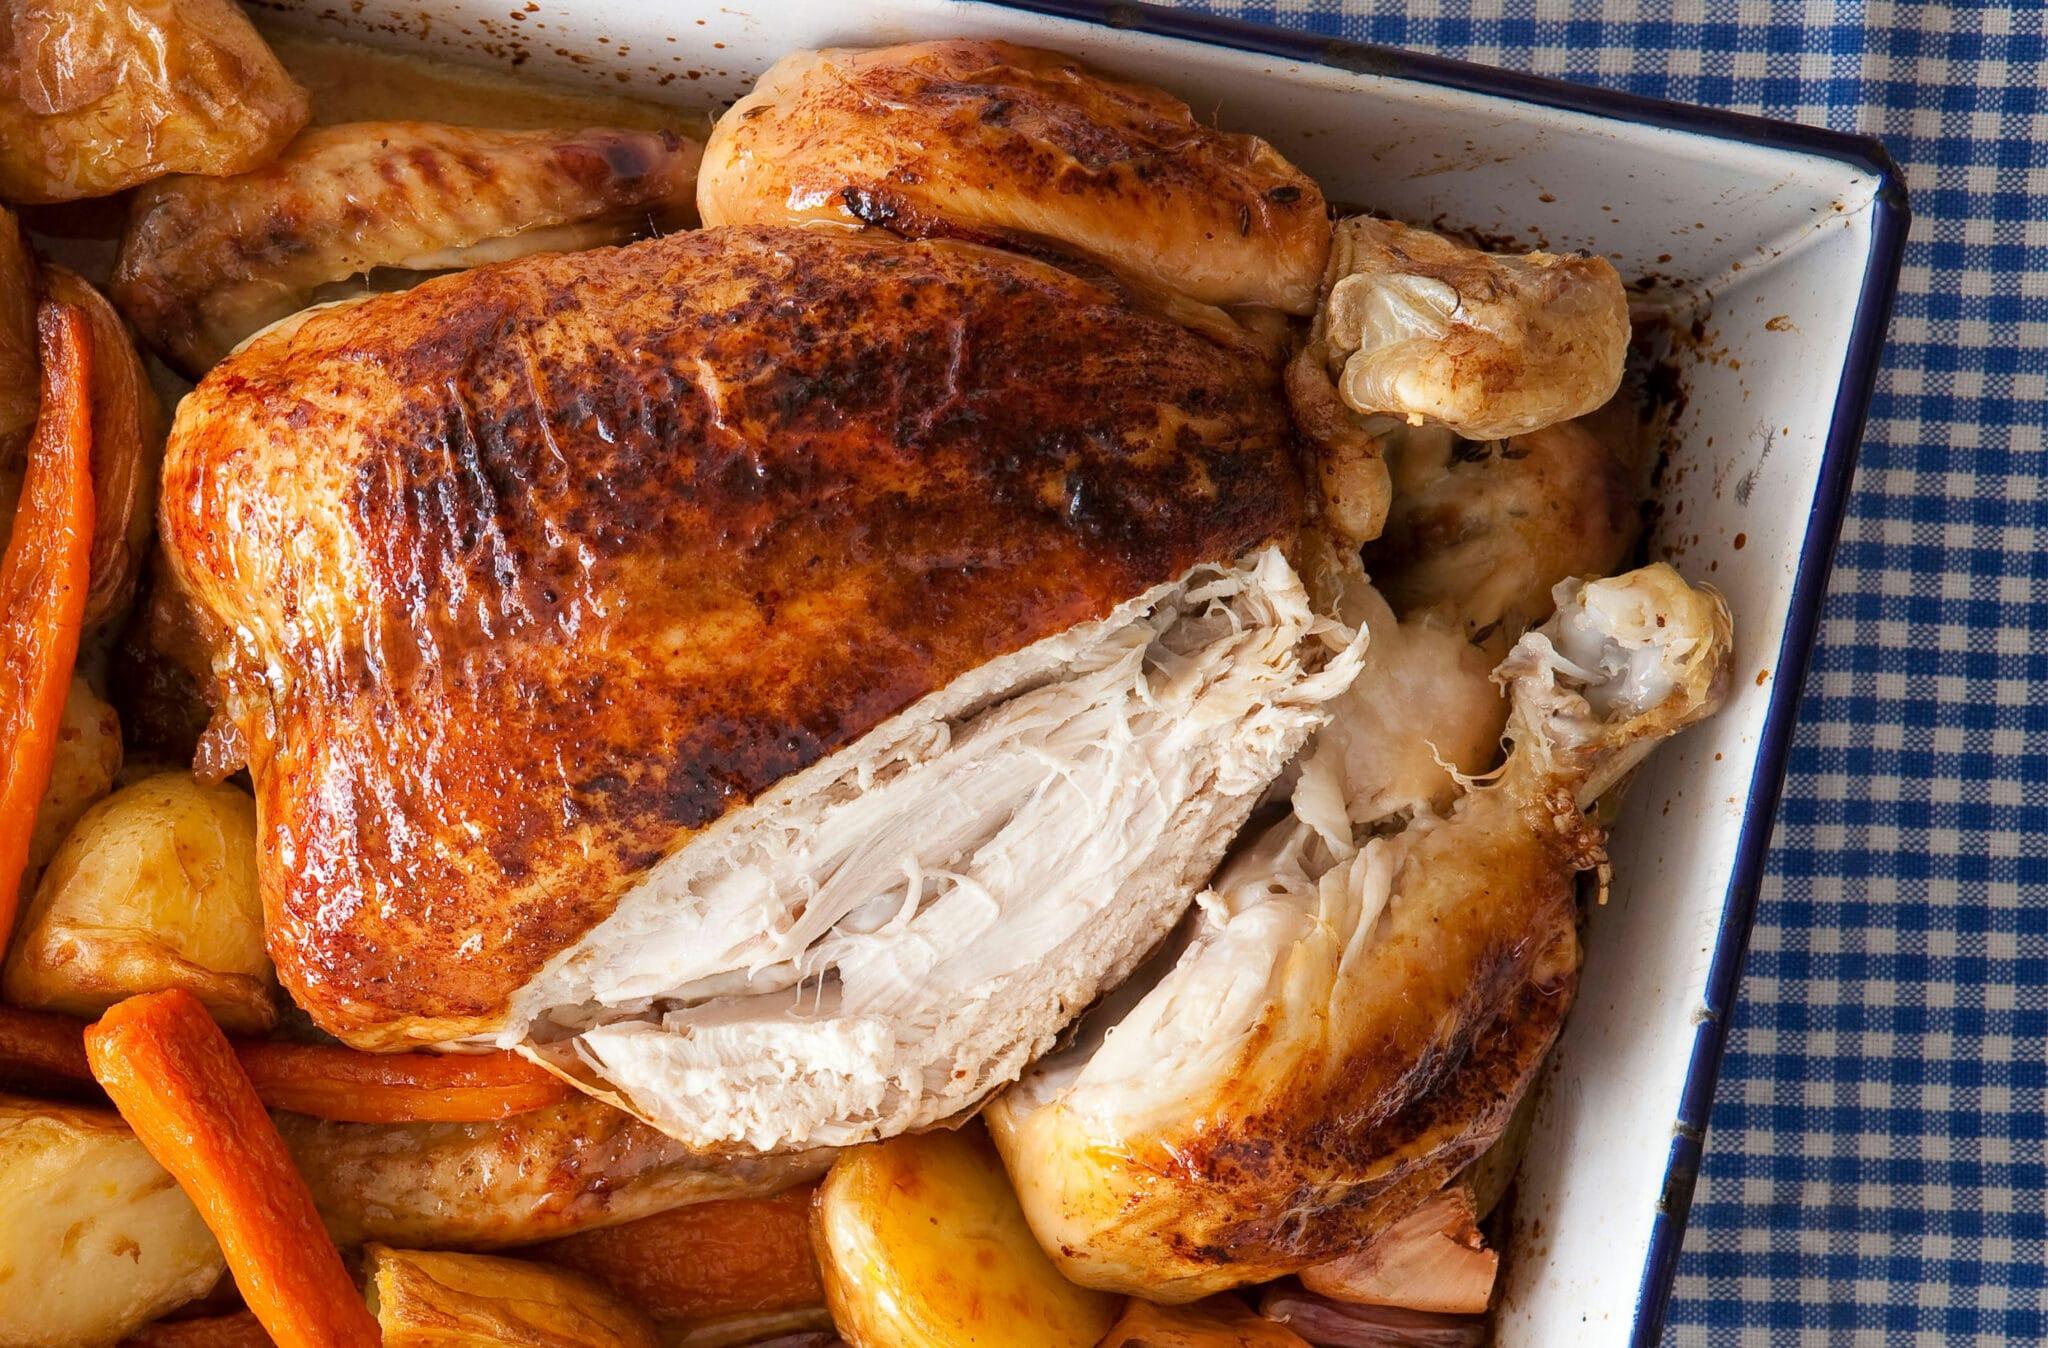 Upečené kuře plněné nádivkou s cibulí.